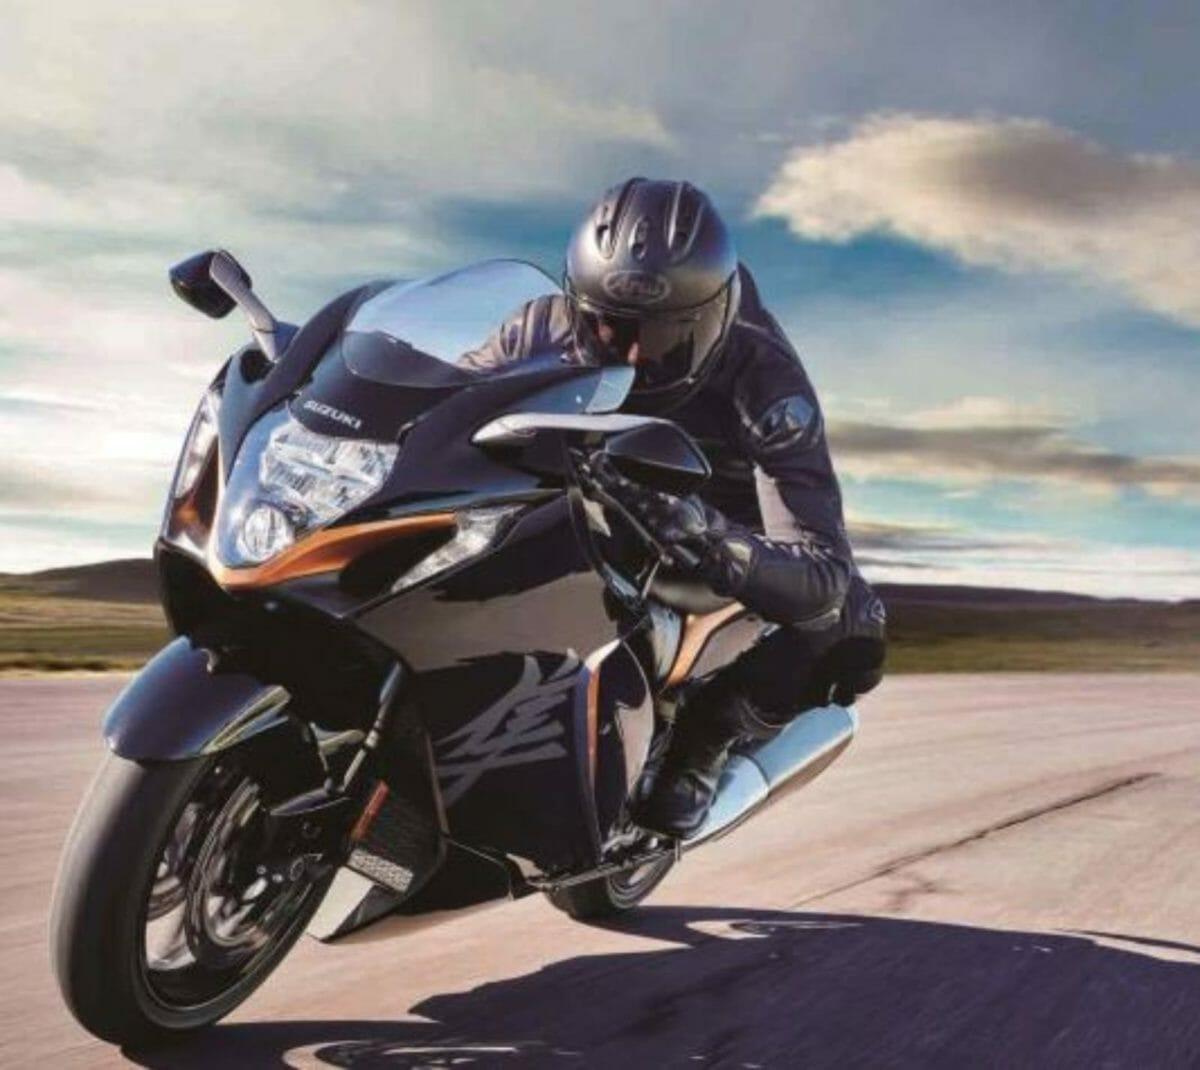 Suzuki Hayabusa 2021 rider